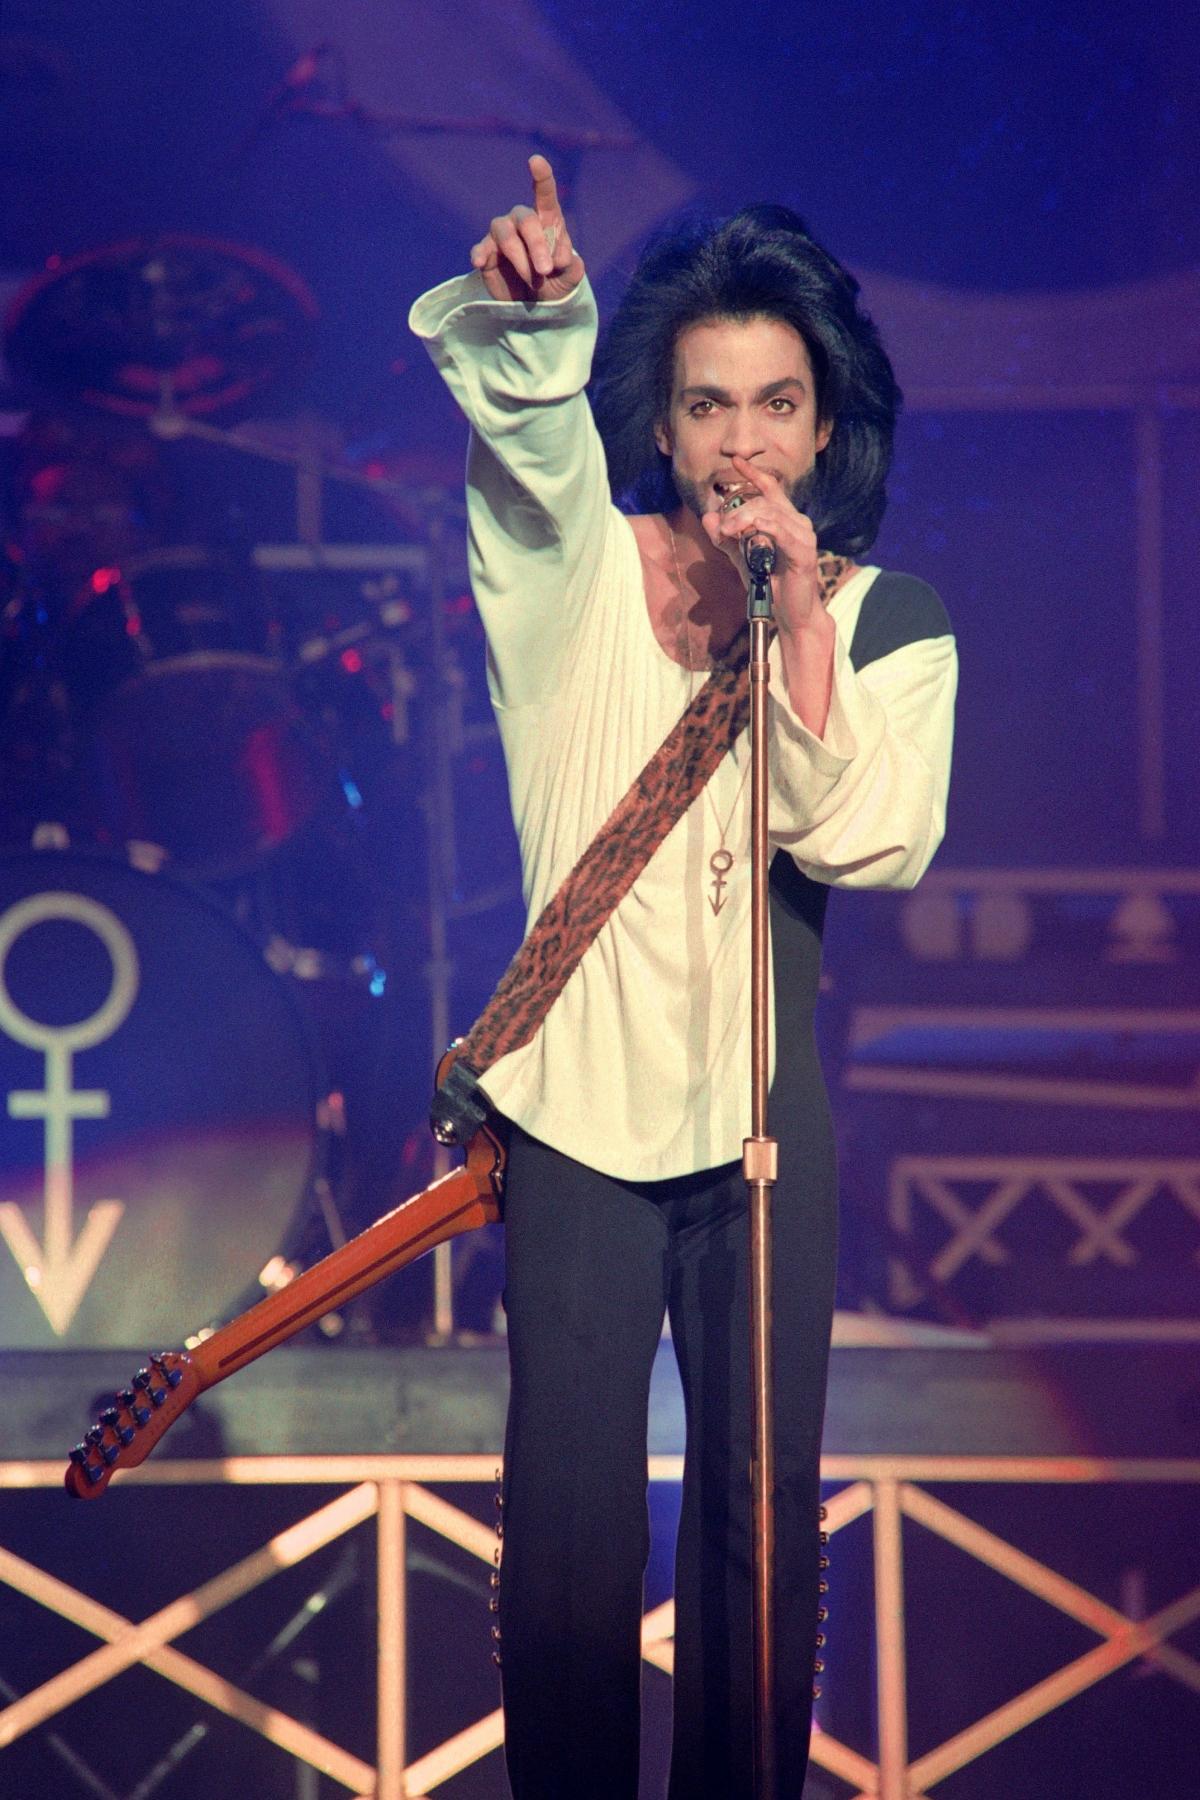 Prince photos photo 3